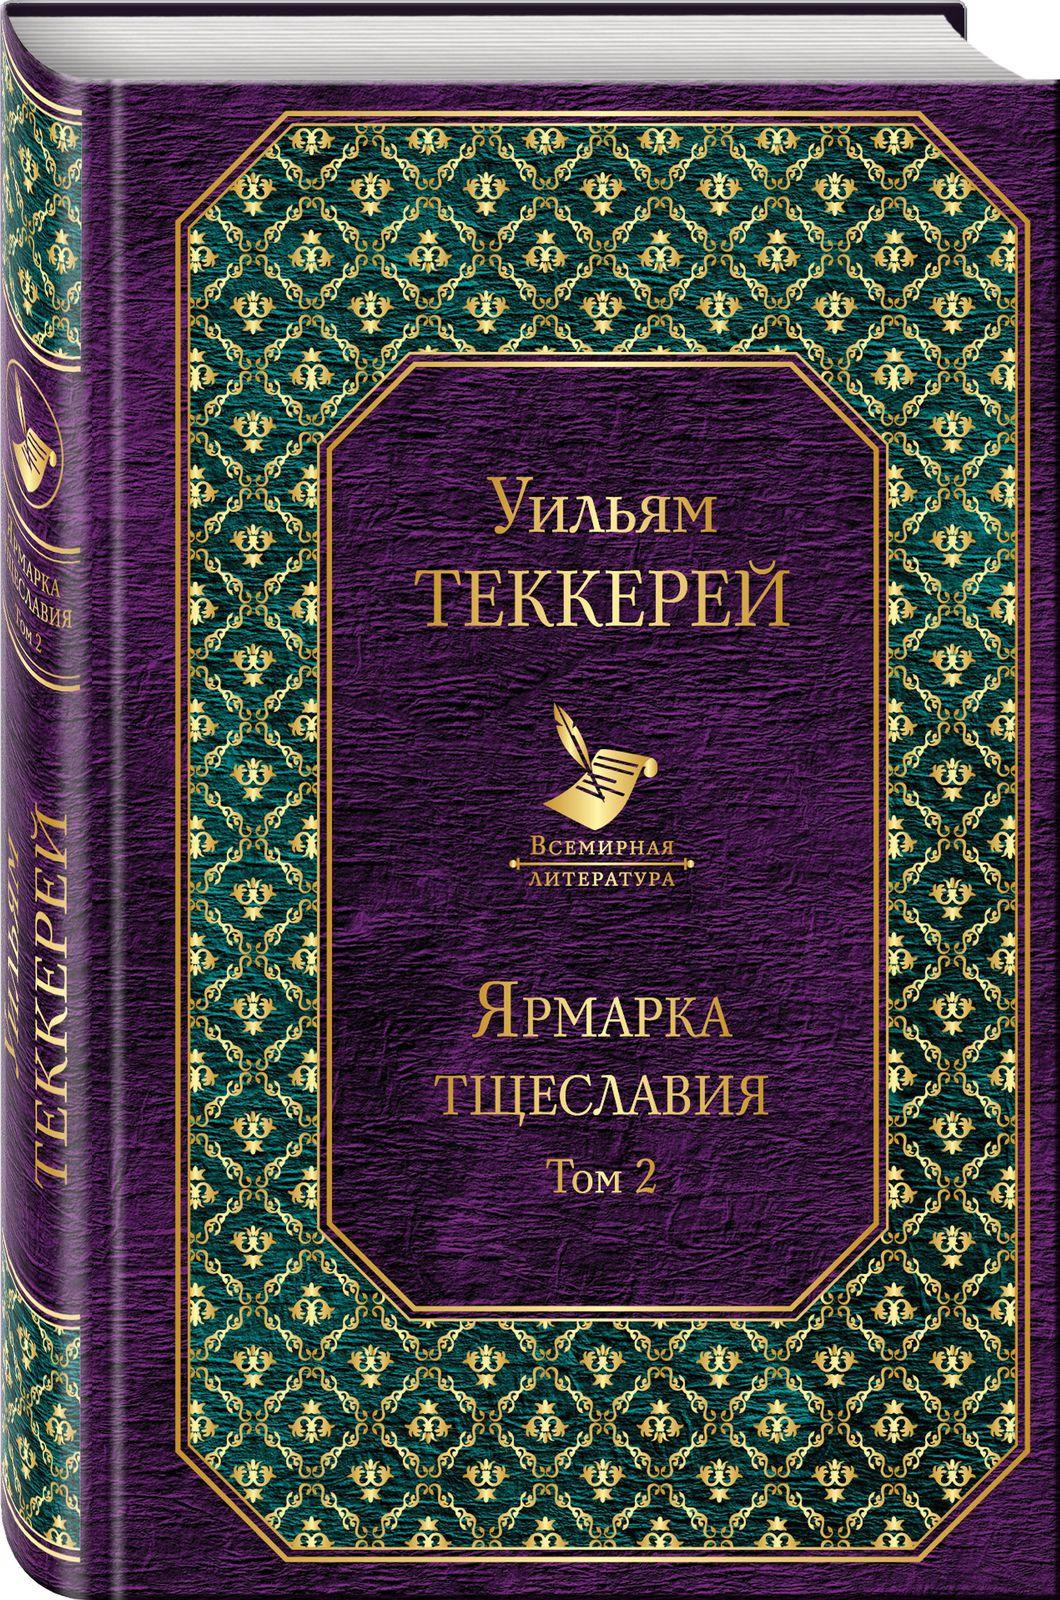 Ярмарка тщеславия (комплект из 2 книг), Уильям Теккерей